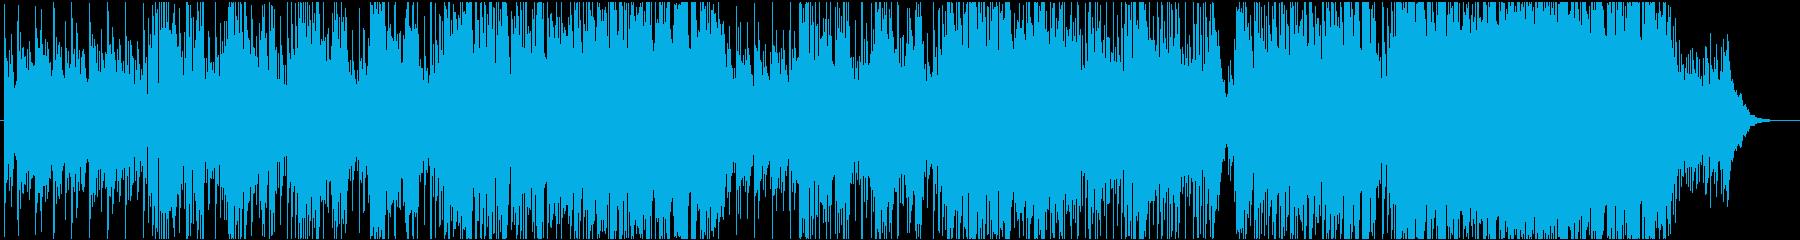 男性アメリカ人が歌う空間系アコギ英語詞曲の再生済みの波形